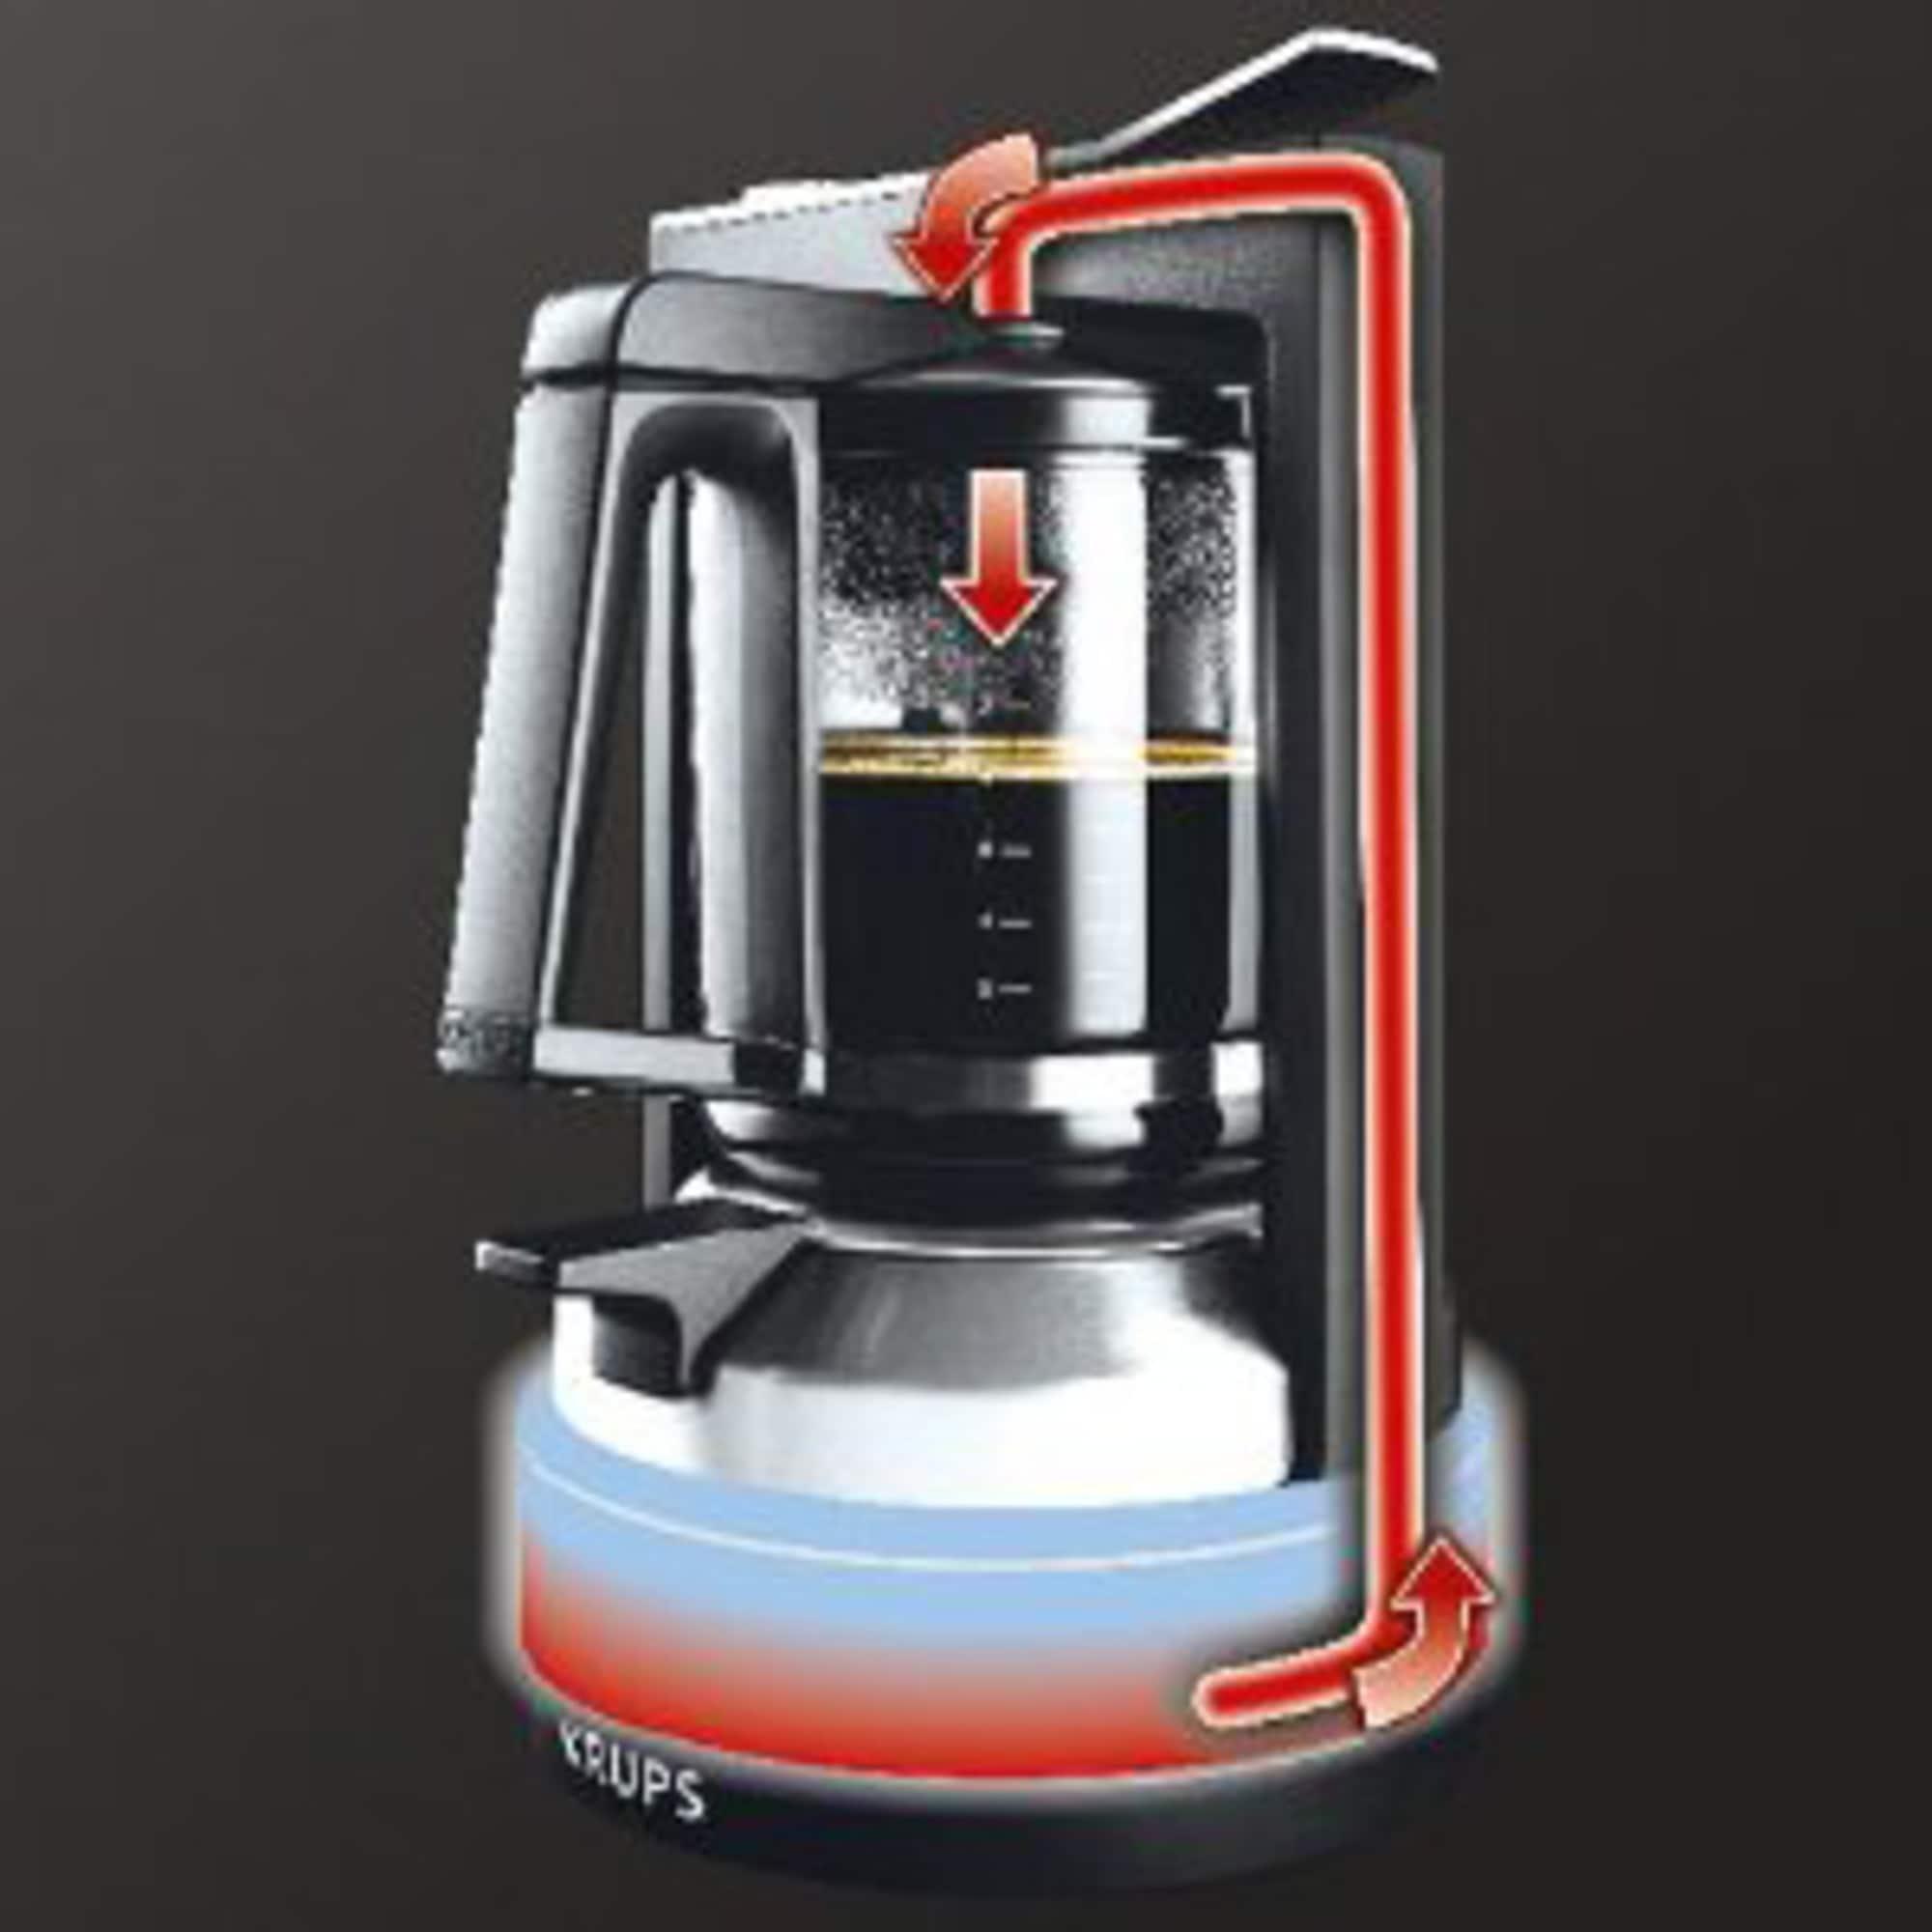 Krups Filtermaschine T8.2 KM 4689